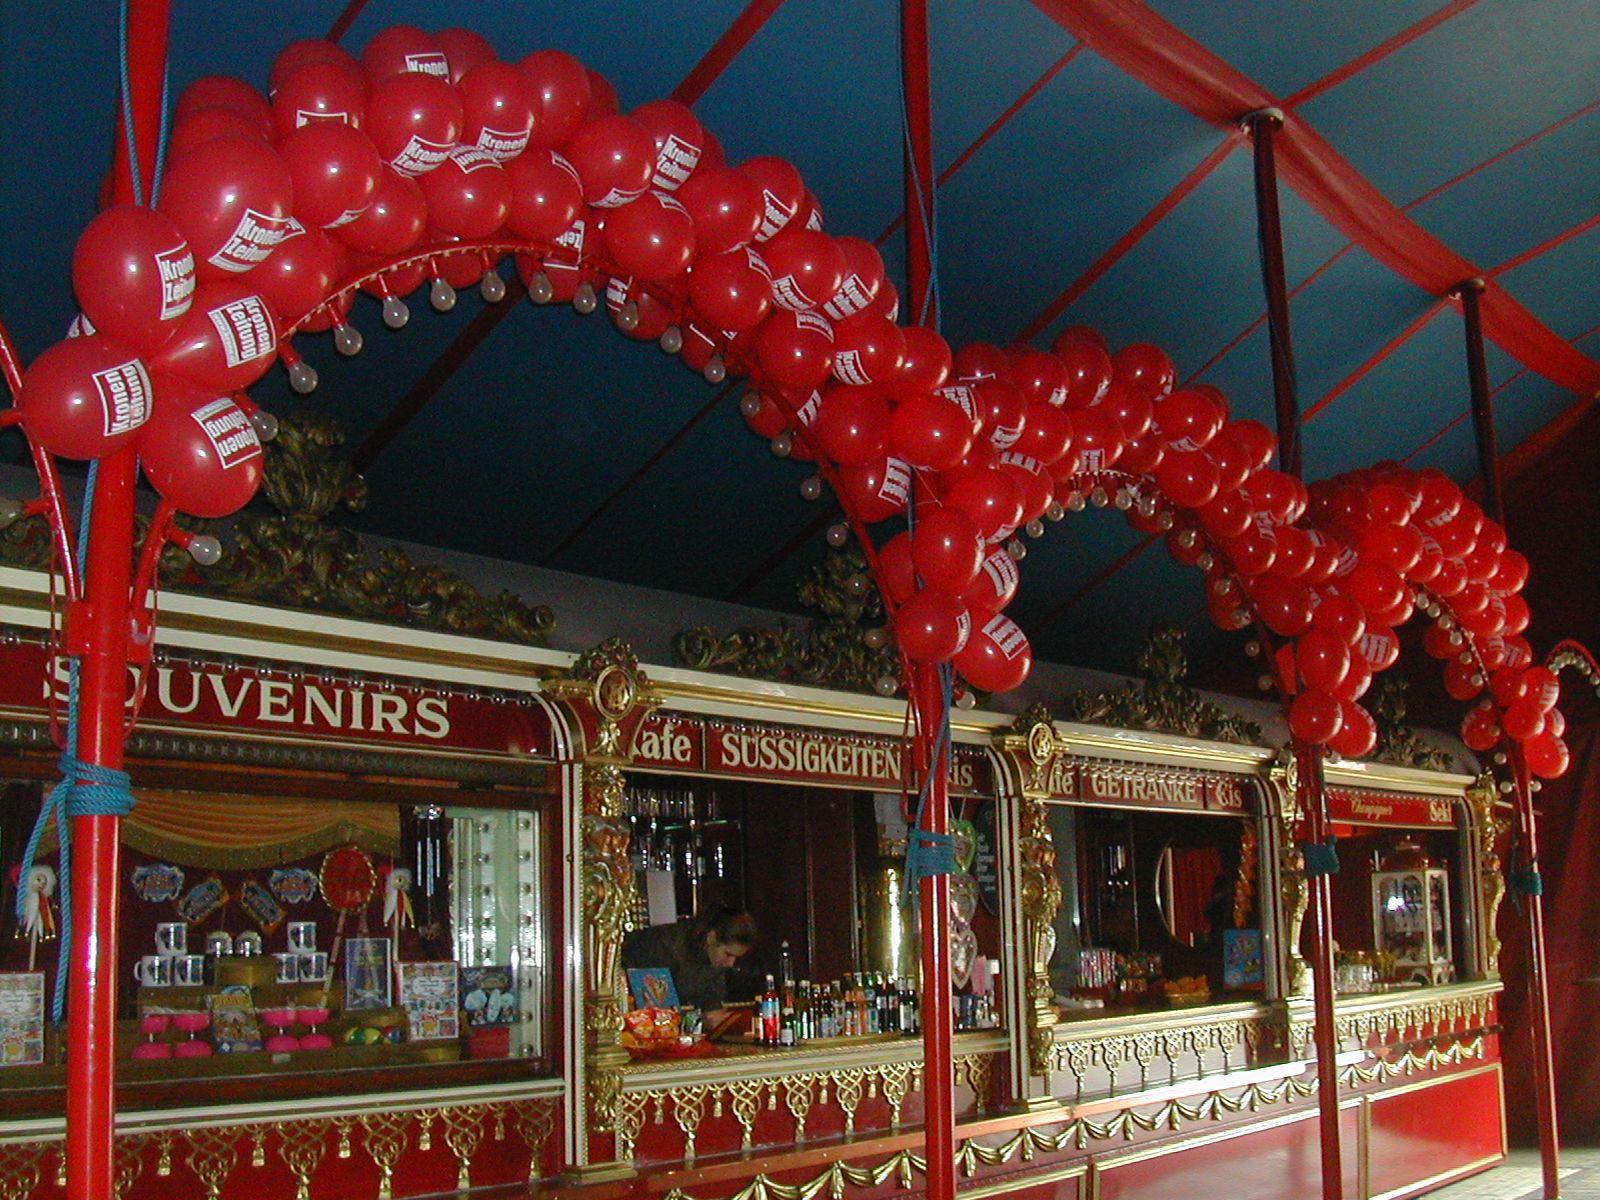 #Luftballon #Dekoration für verschiedene Anlässe #decoration #balloon #red